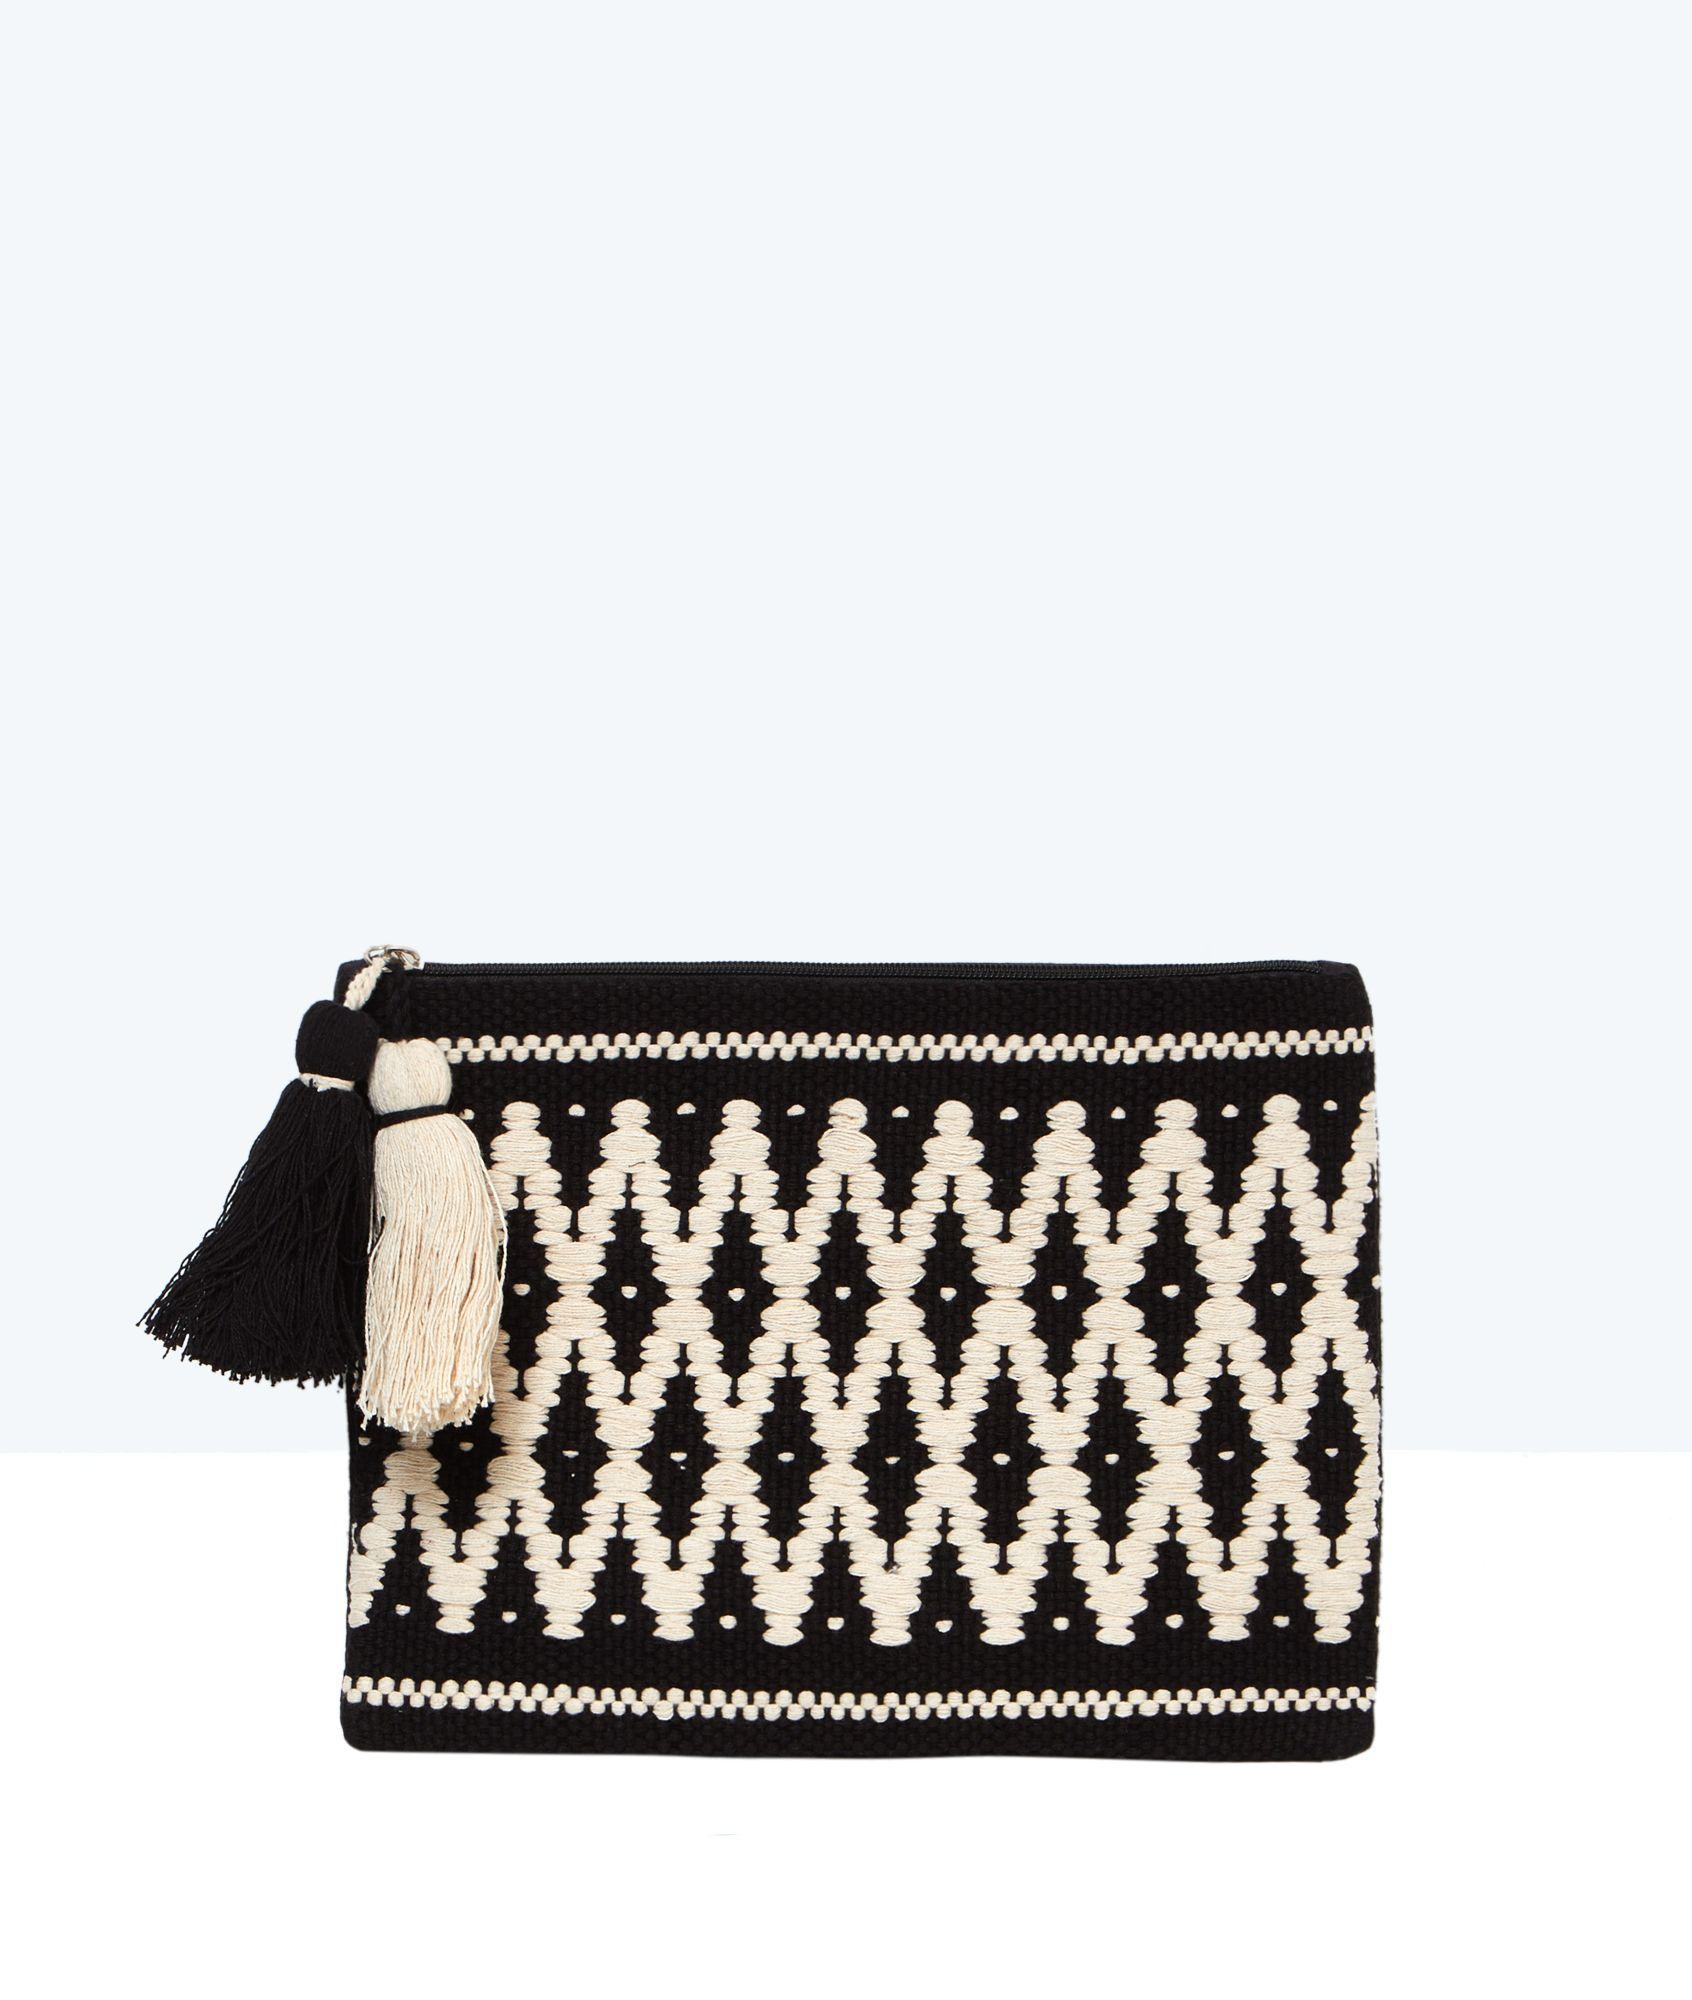 nouveau style 4985b 73360 Pochette brodée aztèque à pompons - MELOE - NOIR - Etam ...